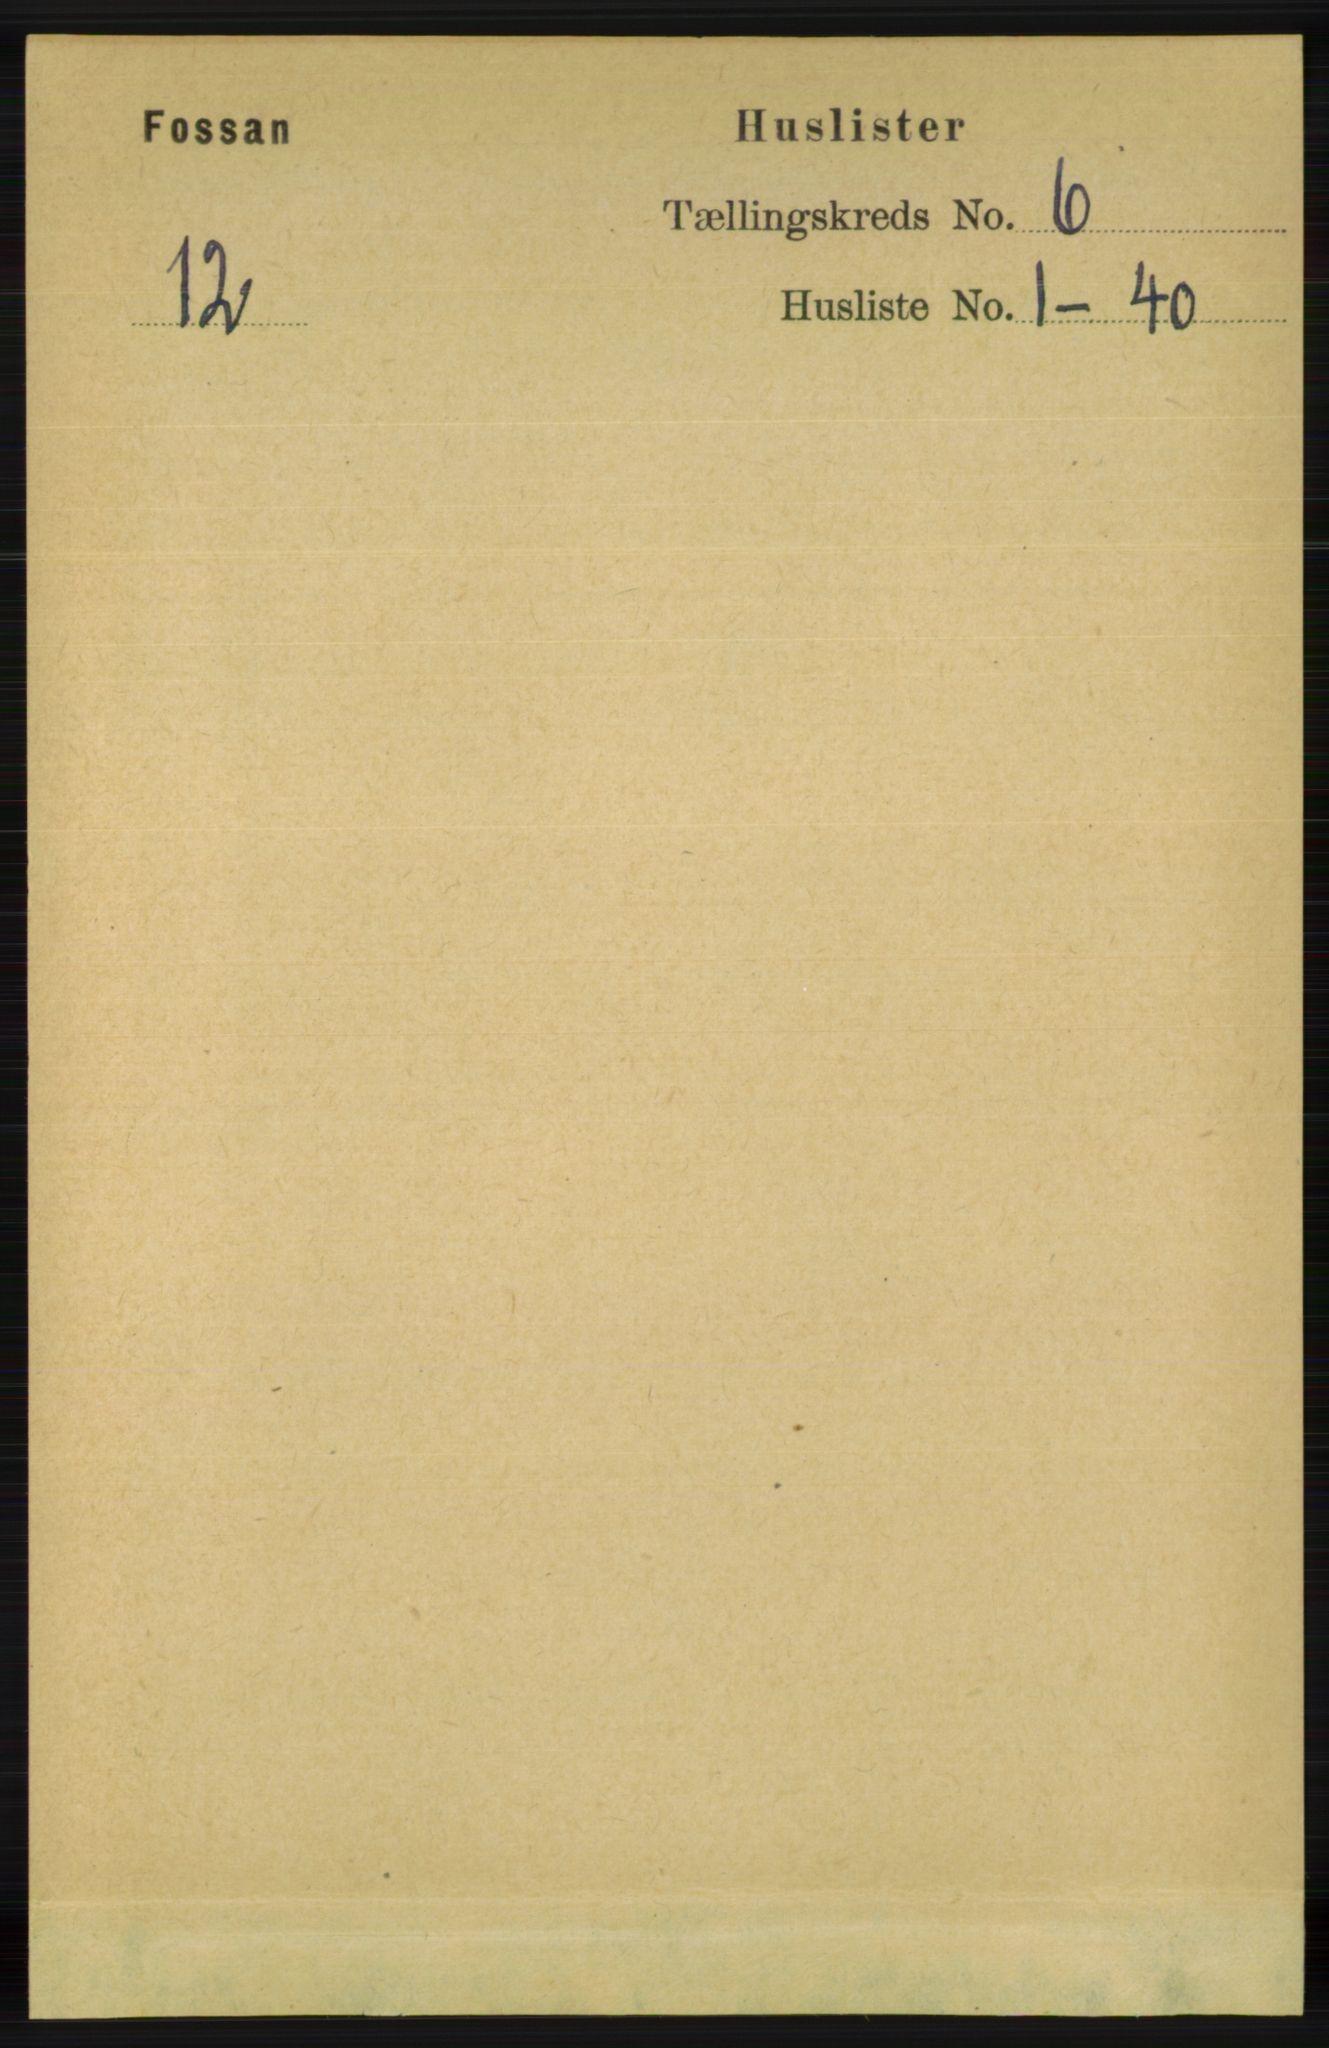 RA, Folketelling 1891 for 1129 Forsand herred, 1891, s. 899